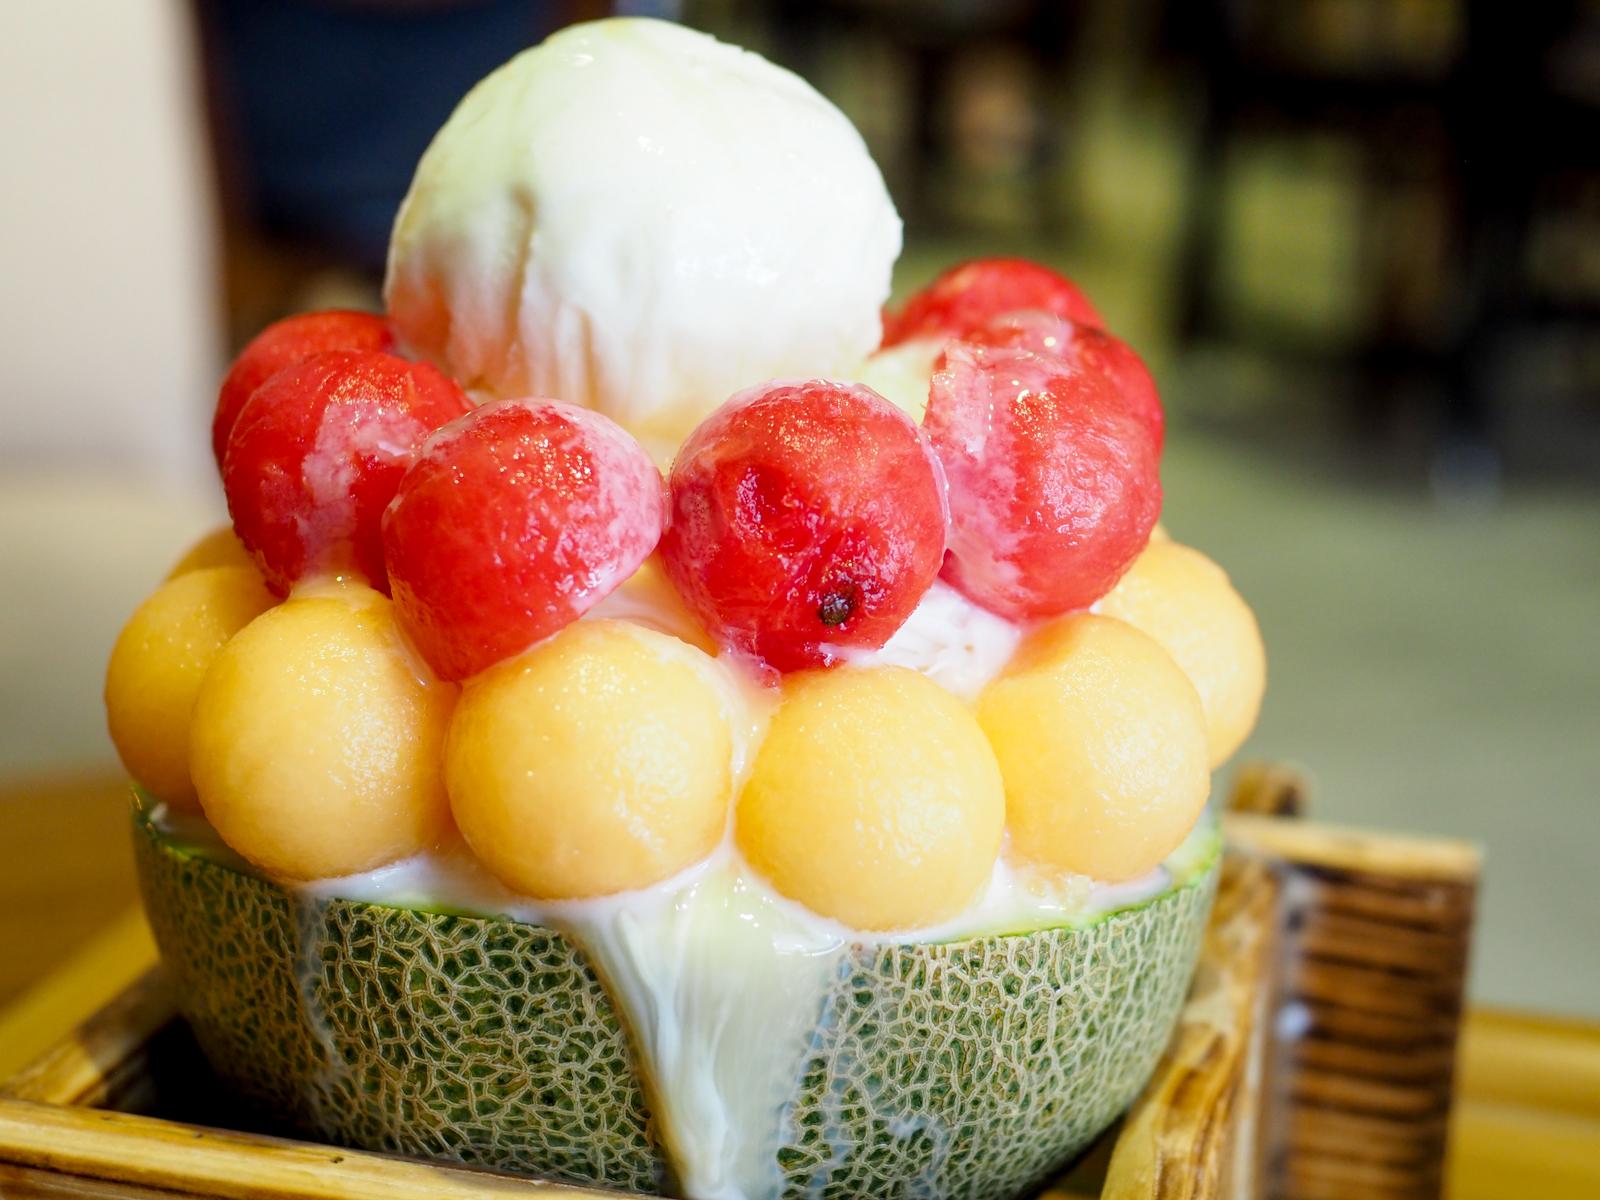 【蘆洲冰品推薦】焦糖公園蘆洲店 半顆哈密瓜下去當盤子 滿滿西瓜哈密瓜吃起來就是爽